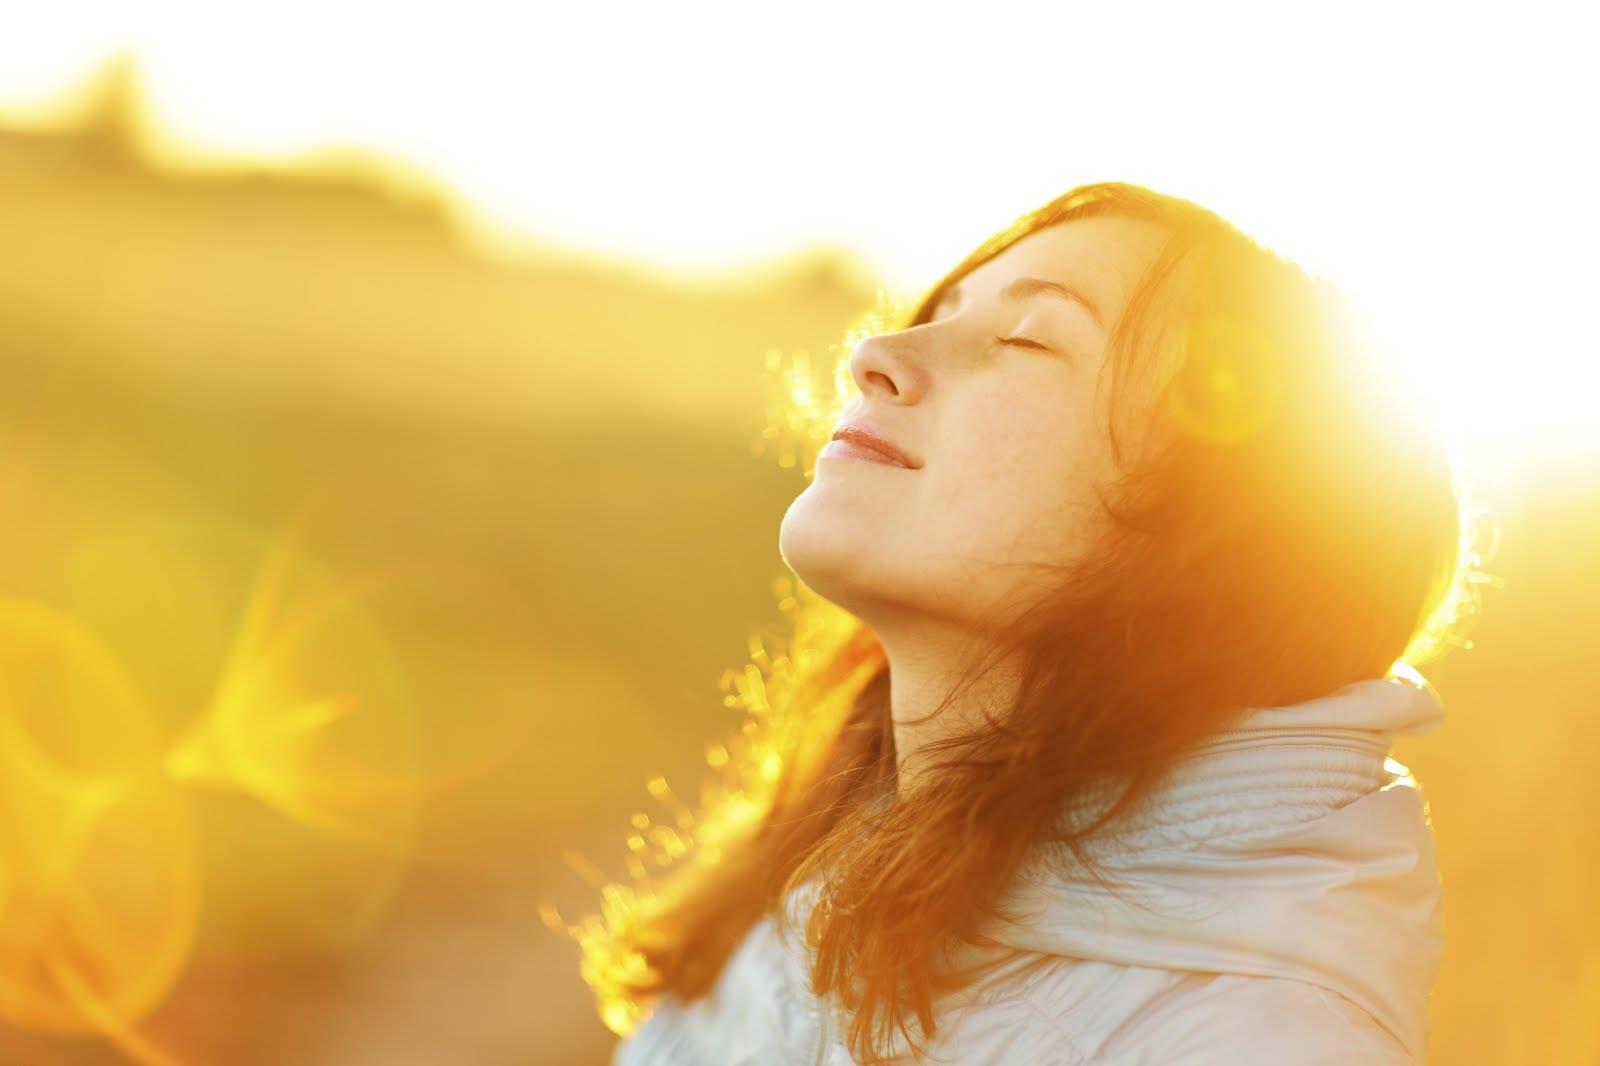 Βιταμίνη D: Το μυστικό για καλή υγεία το χειμώνα